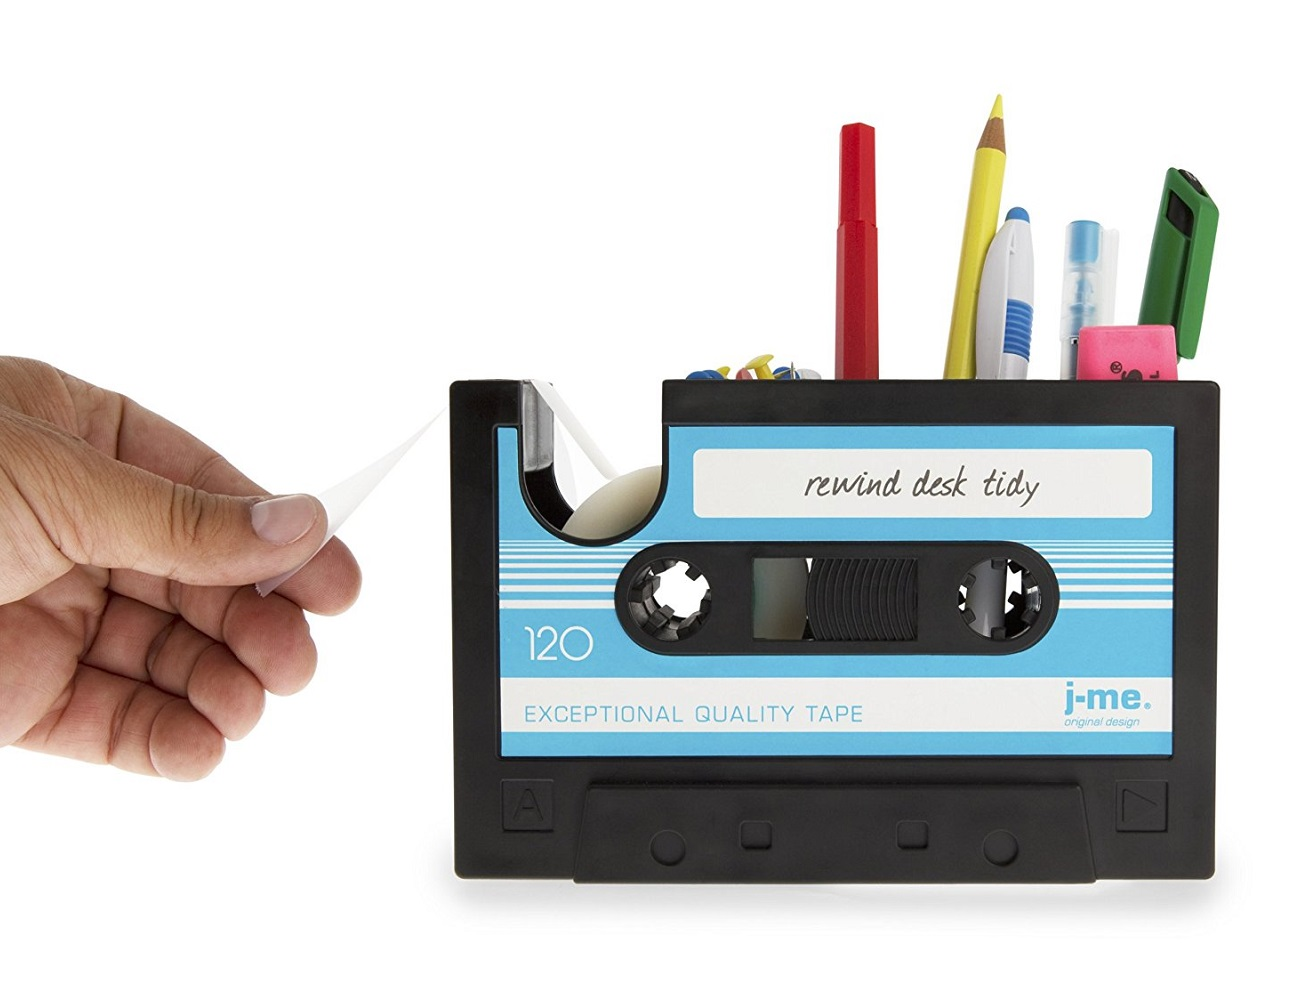 Rewind Desk Tidy by j-me